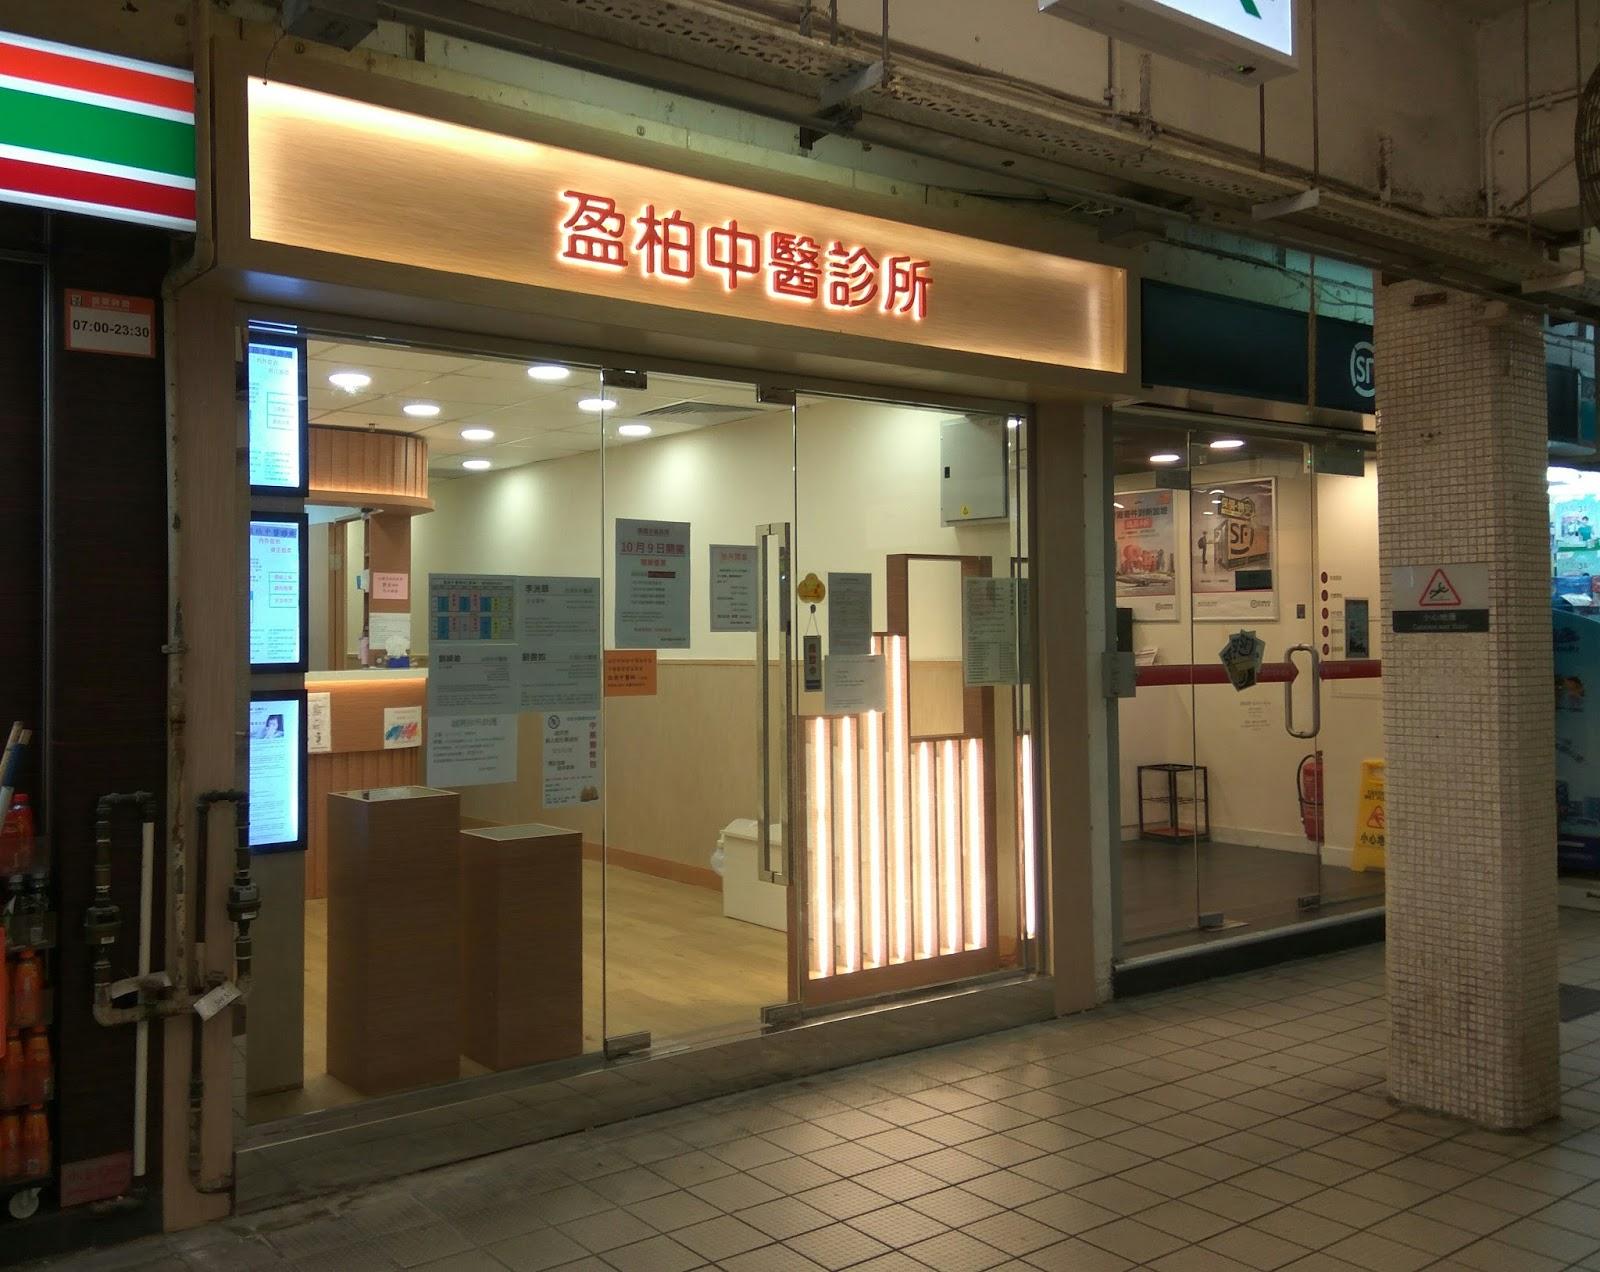 盈柏中醫診所(病友資訊站)Cedar Chinese Medicine Clinic Patients Corner: 廣福社區診所已經投入服務啦